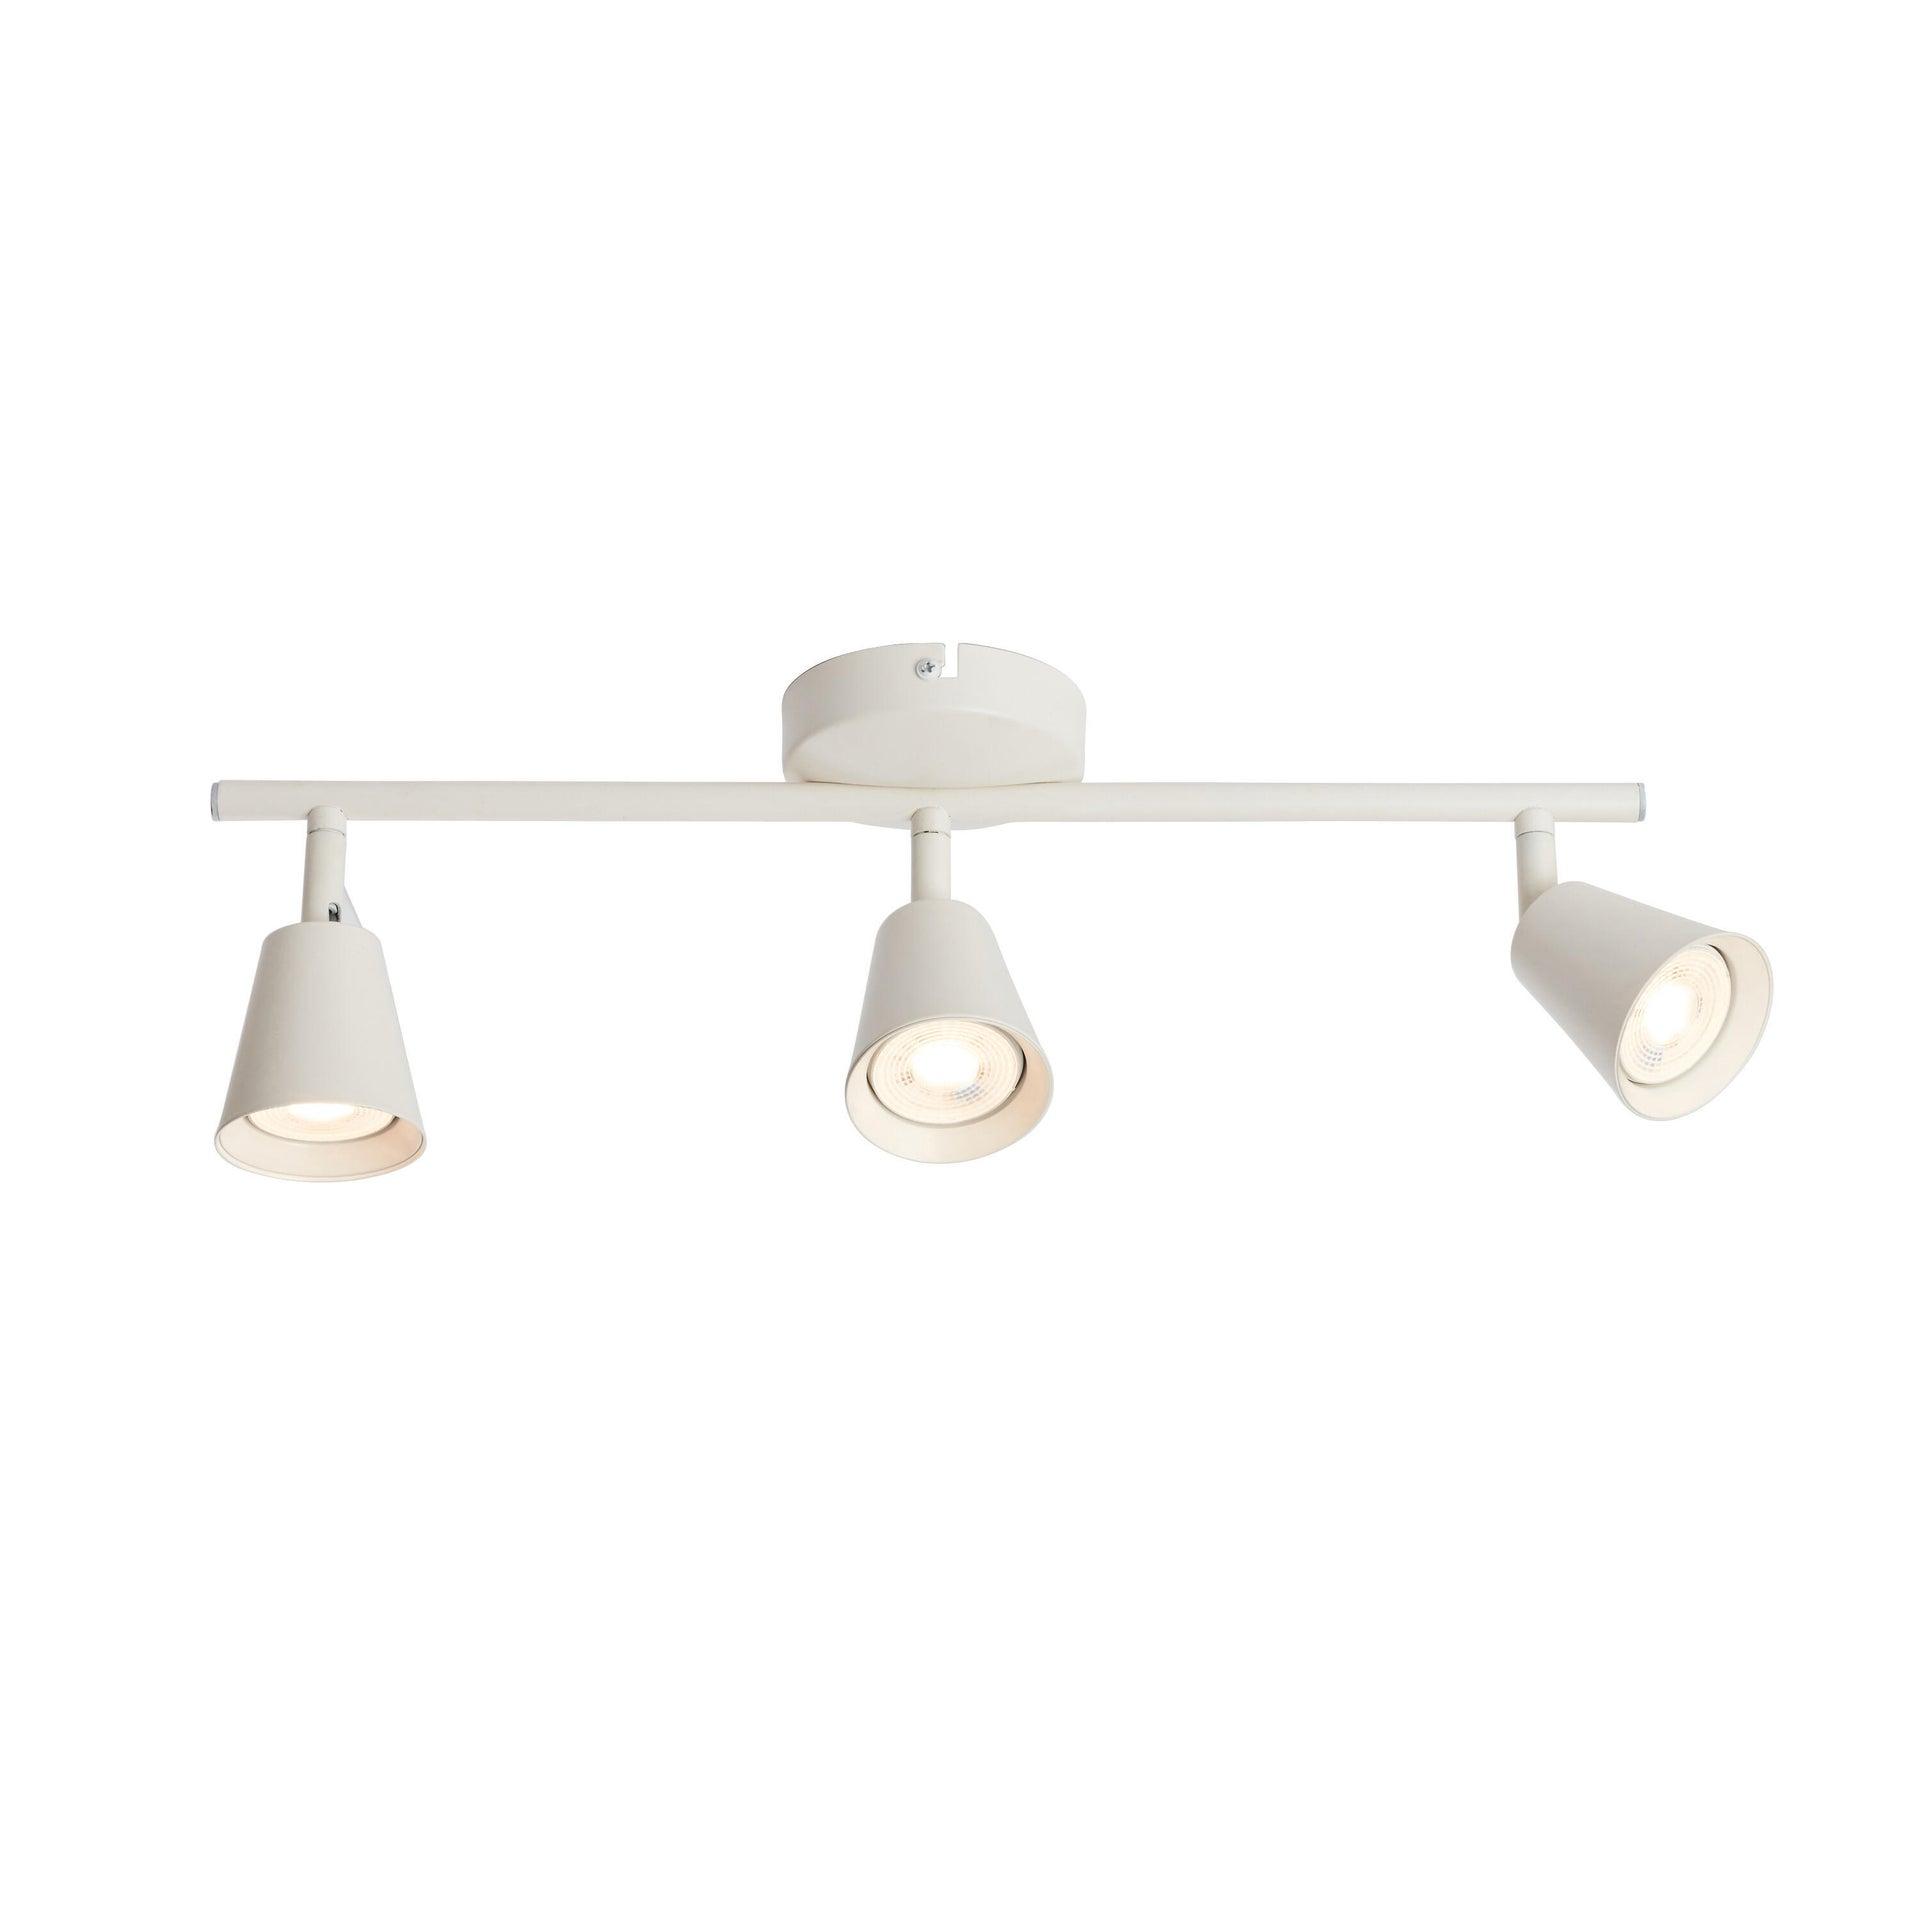 Barra di faretti Chapo bianco, in metallo, LED integrato 3.5W 840LM IP20 INSPIRE - 3